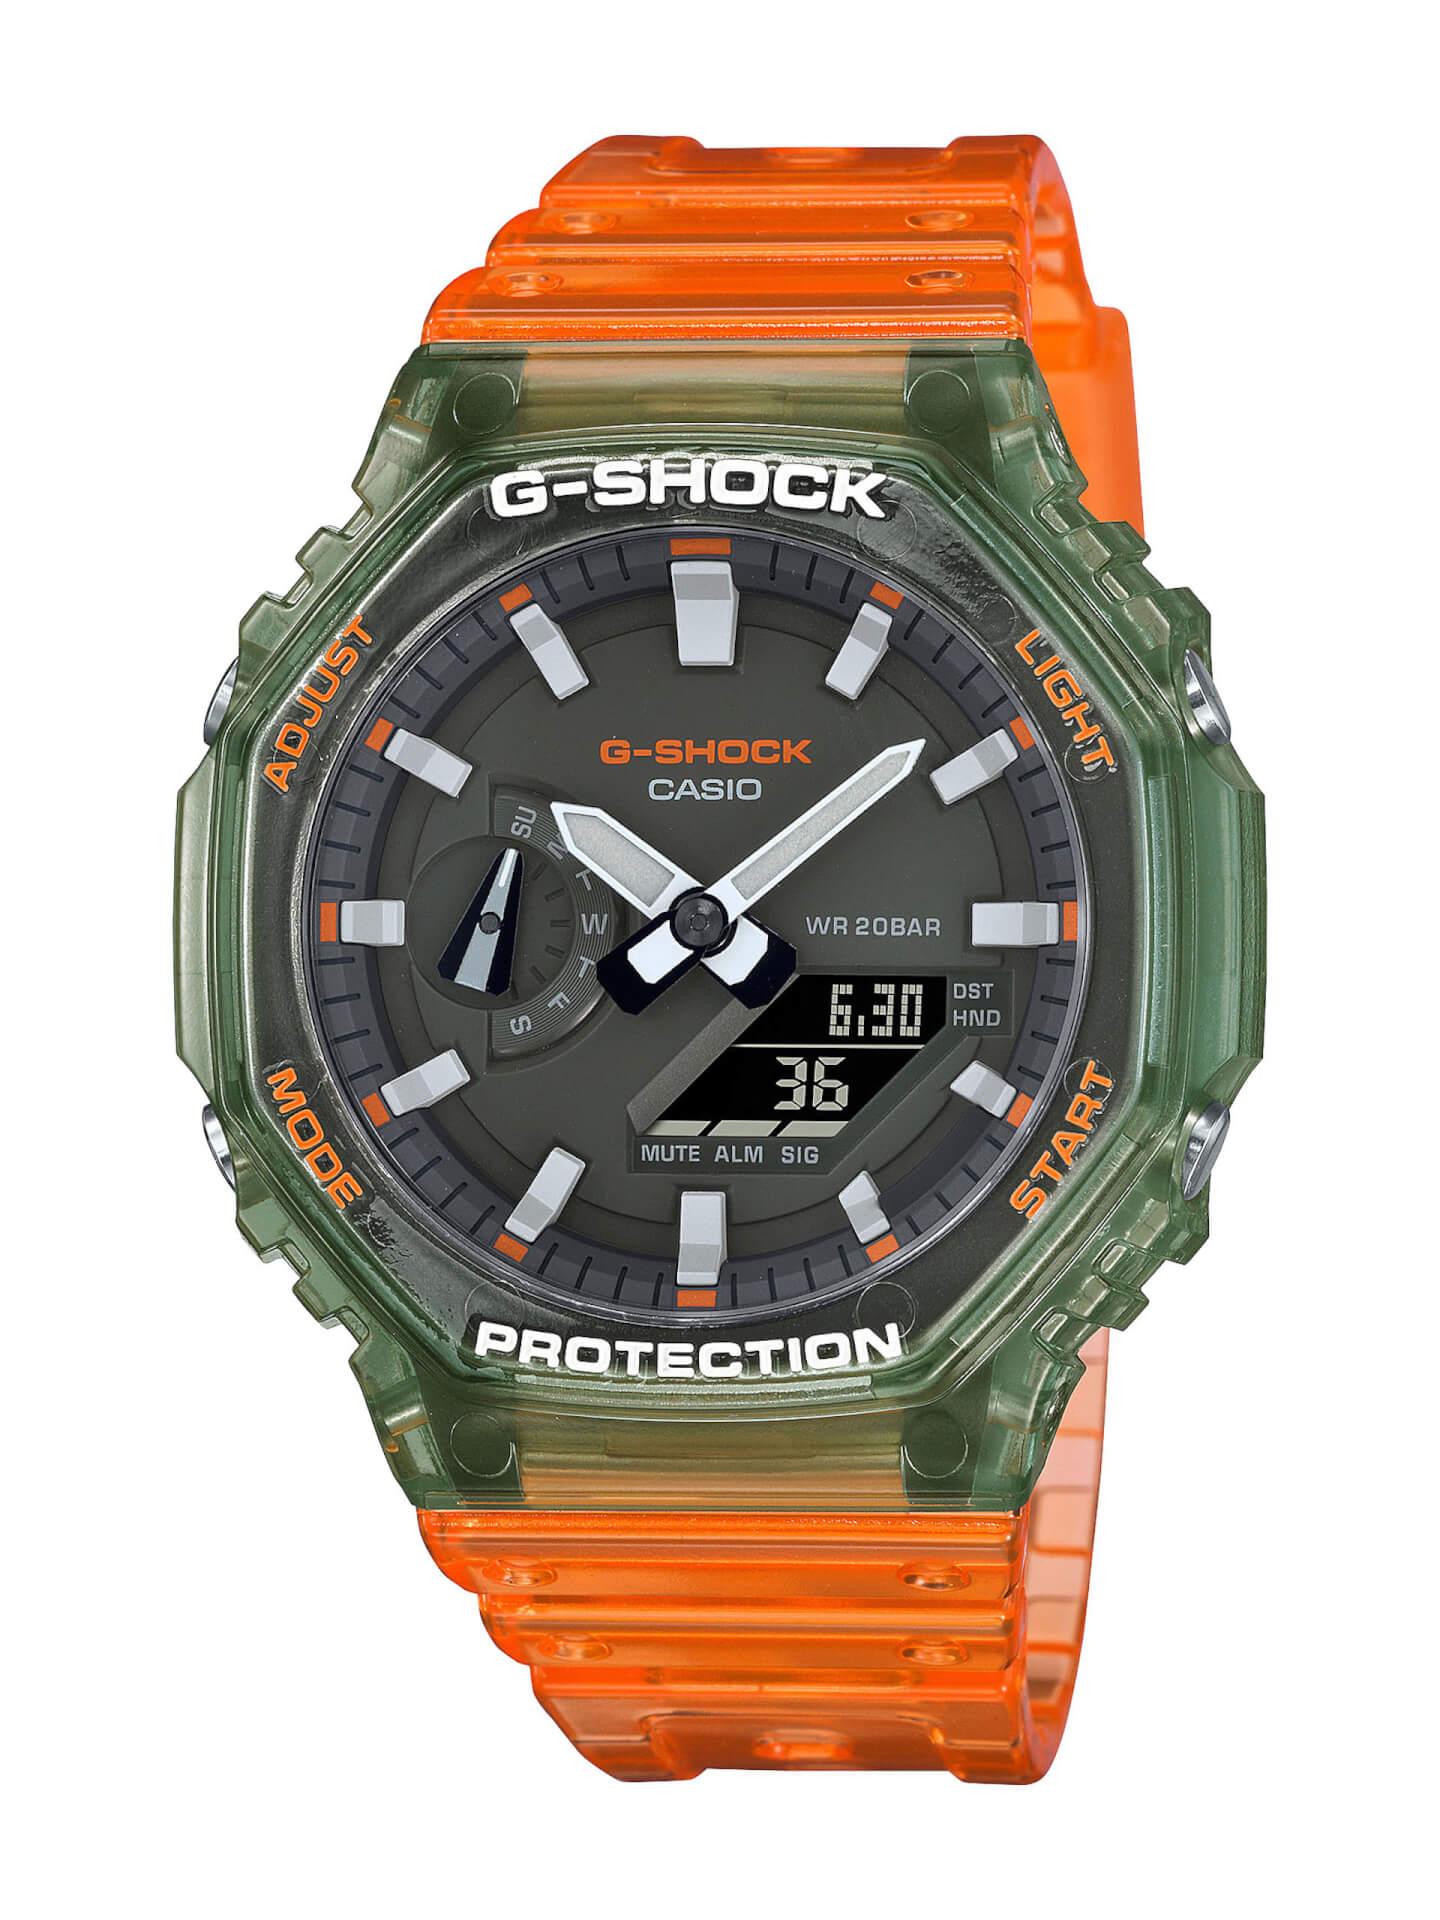 G-SHOCKから「HIDDEN COAST」をテーマにした夏のシーズンカラー登場!GA-2000、GA-2100、GA-900の3種類 tech210507_g_shock_5